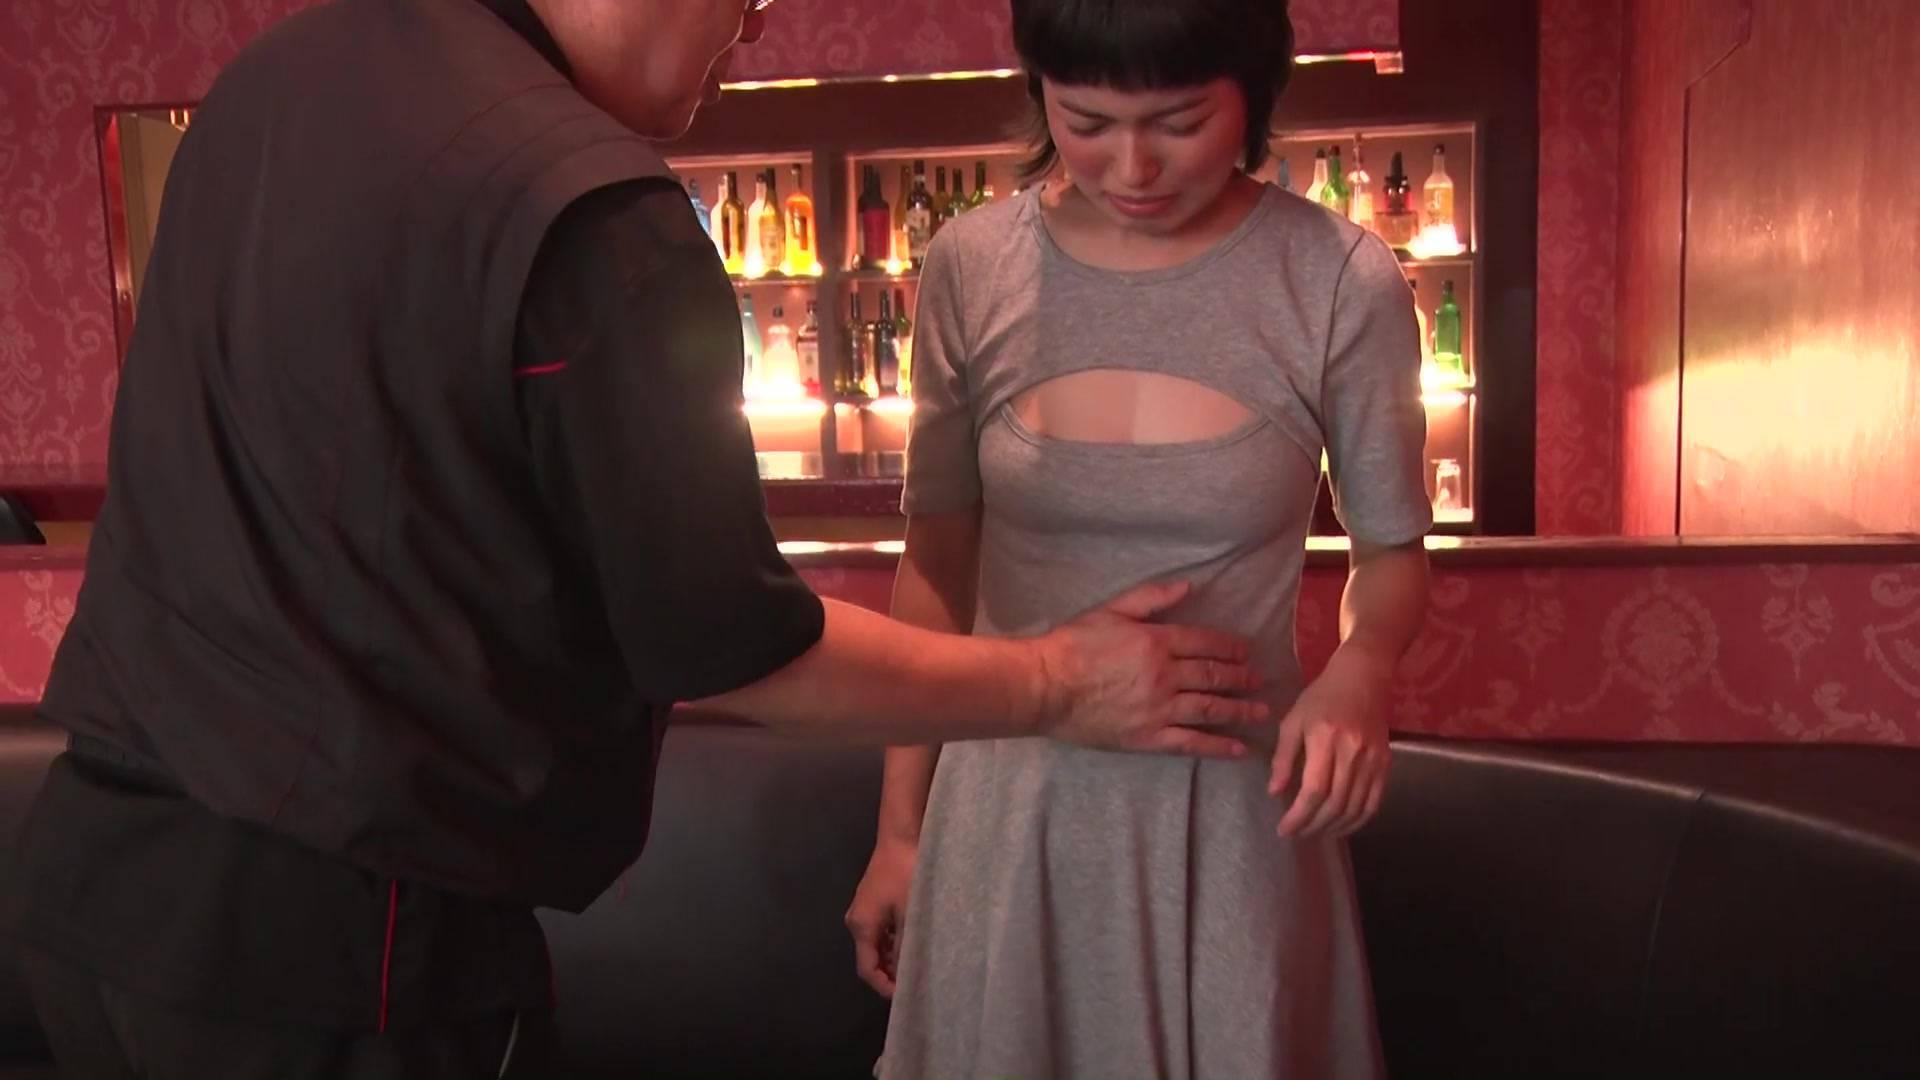 可愛い看護婦さんのお腹を殴ったら最後まで… 5/5 サンプル画像04